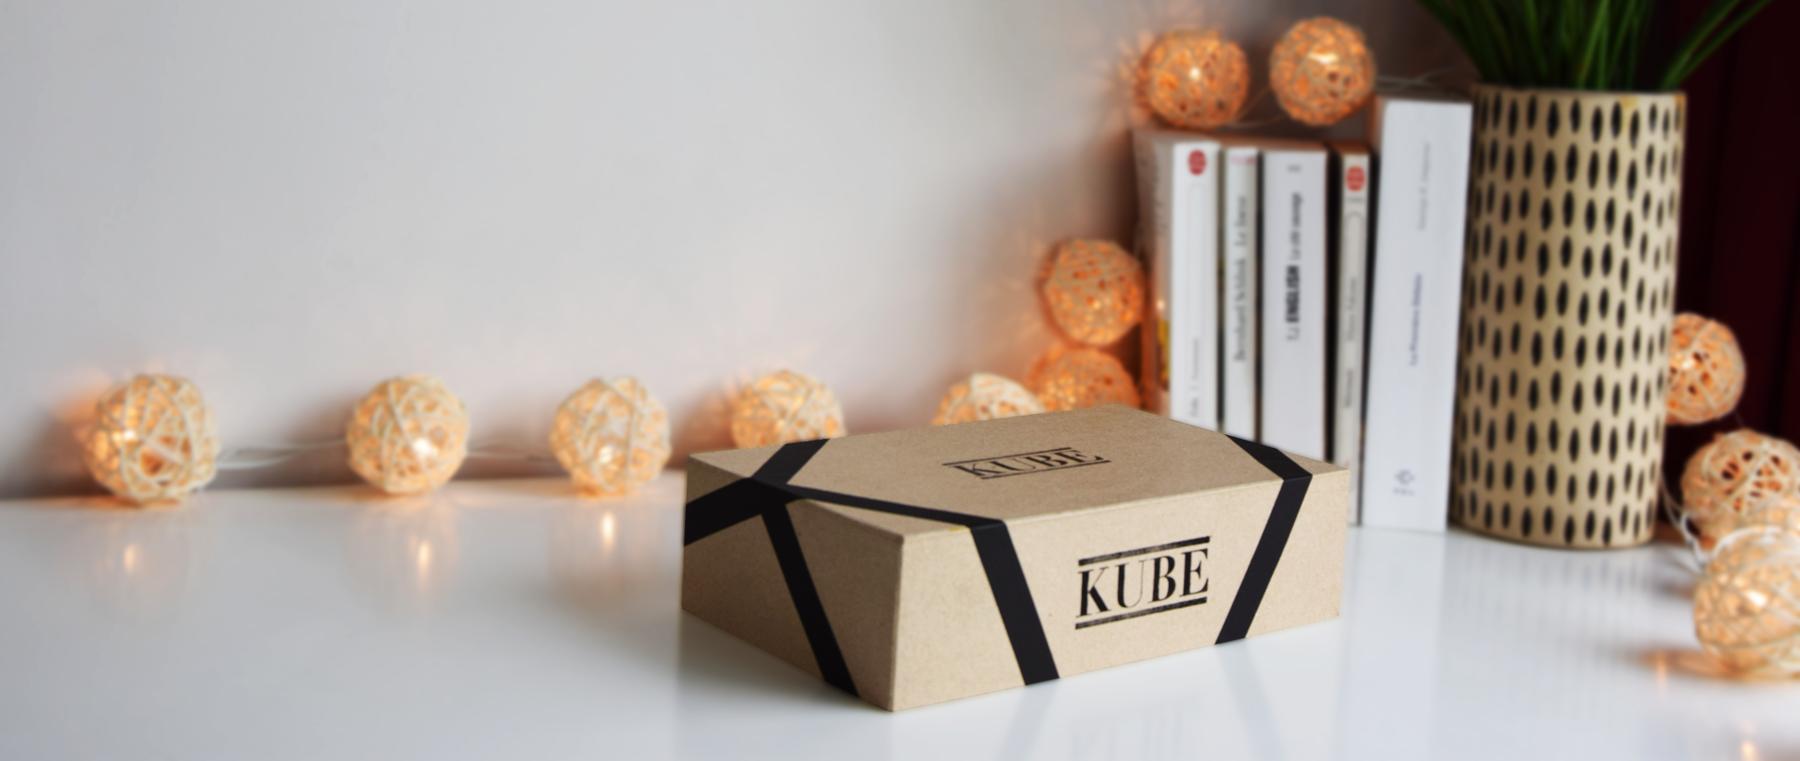 Kube : une box littéraire sur mesure pour les fous de livres